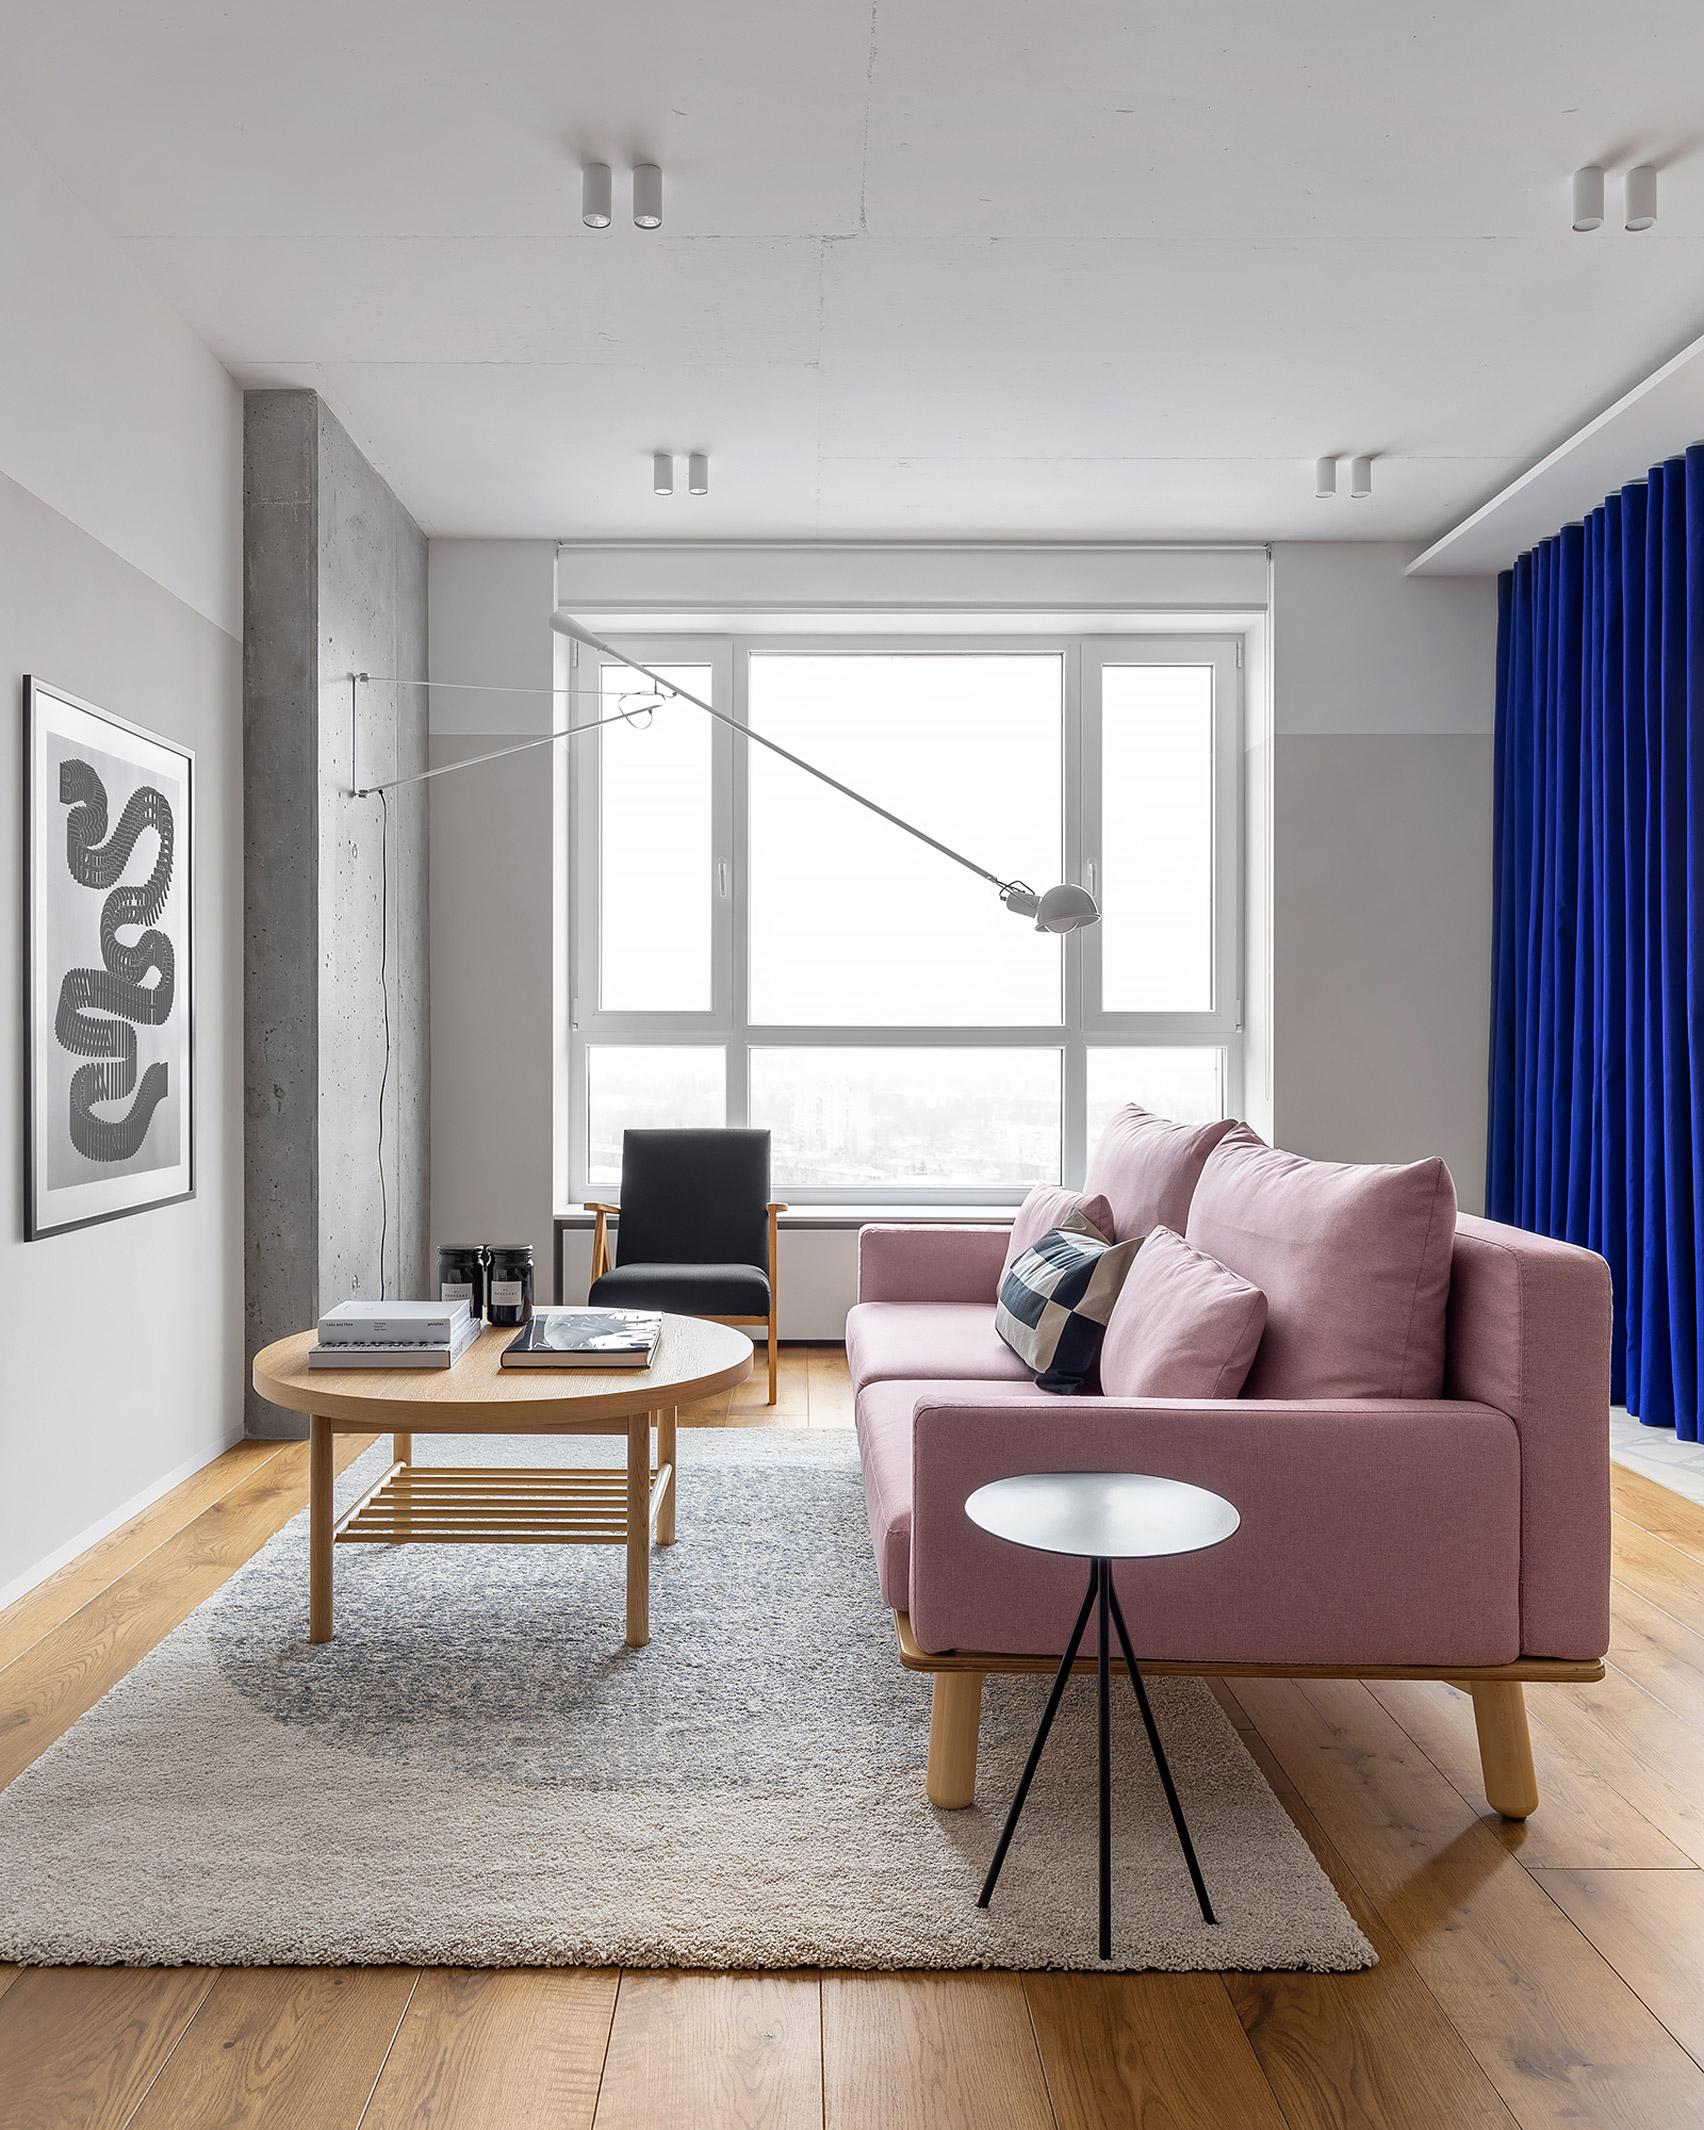 Thiết kế nội thất căn hộ chung cư 20